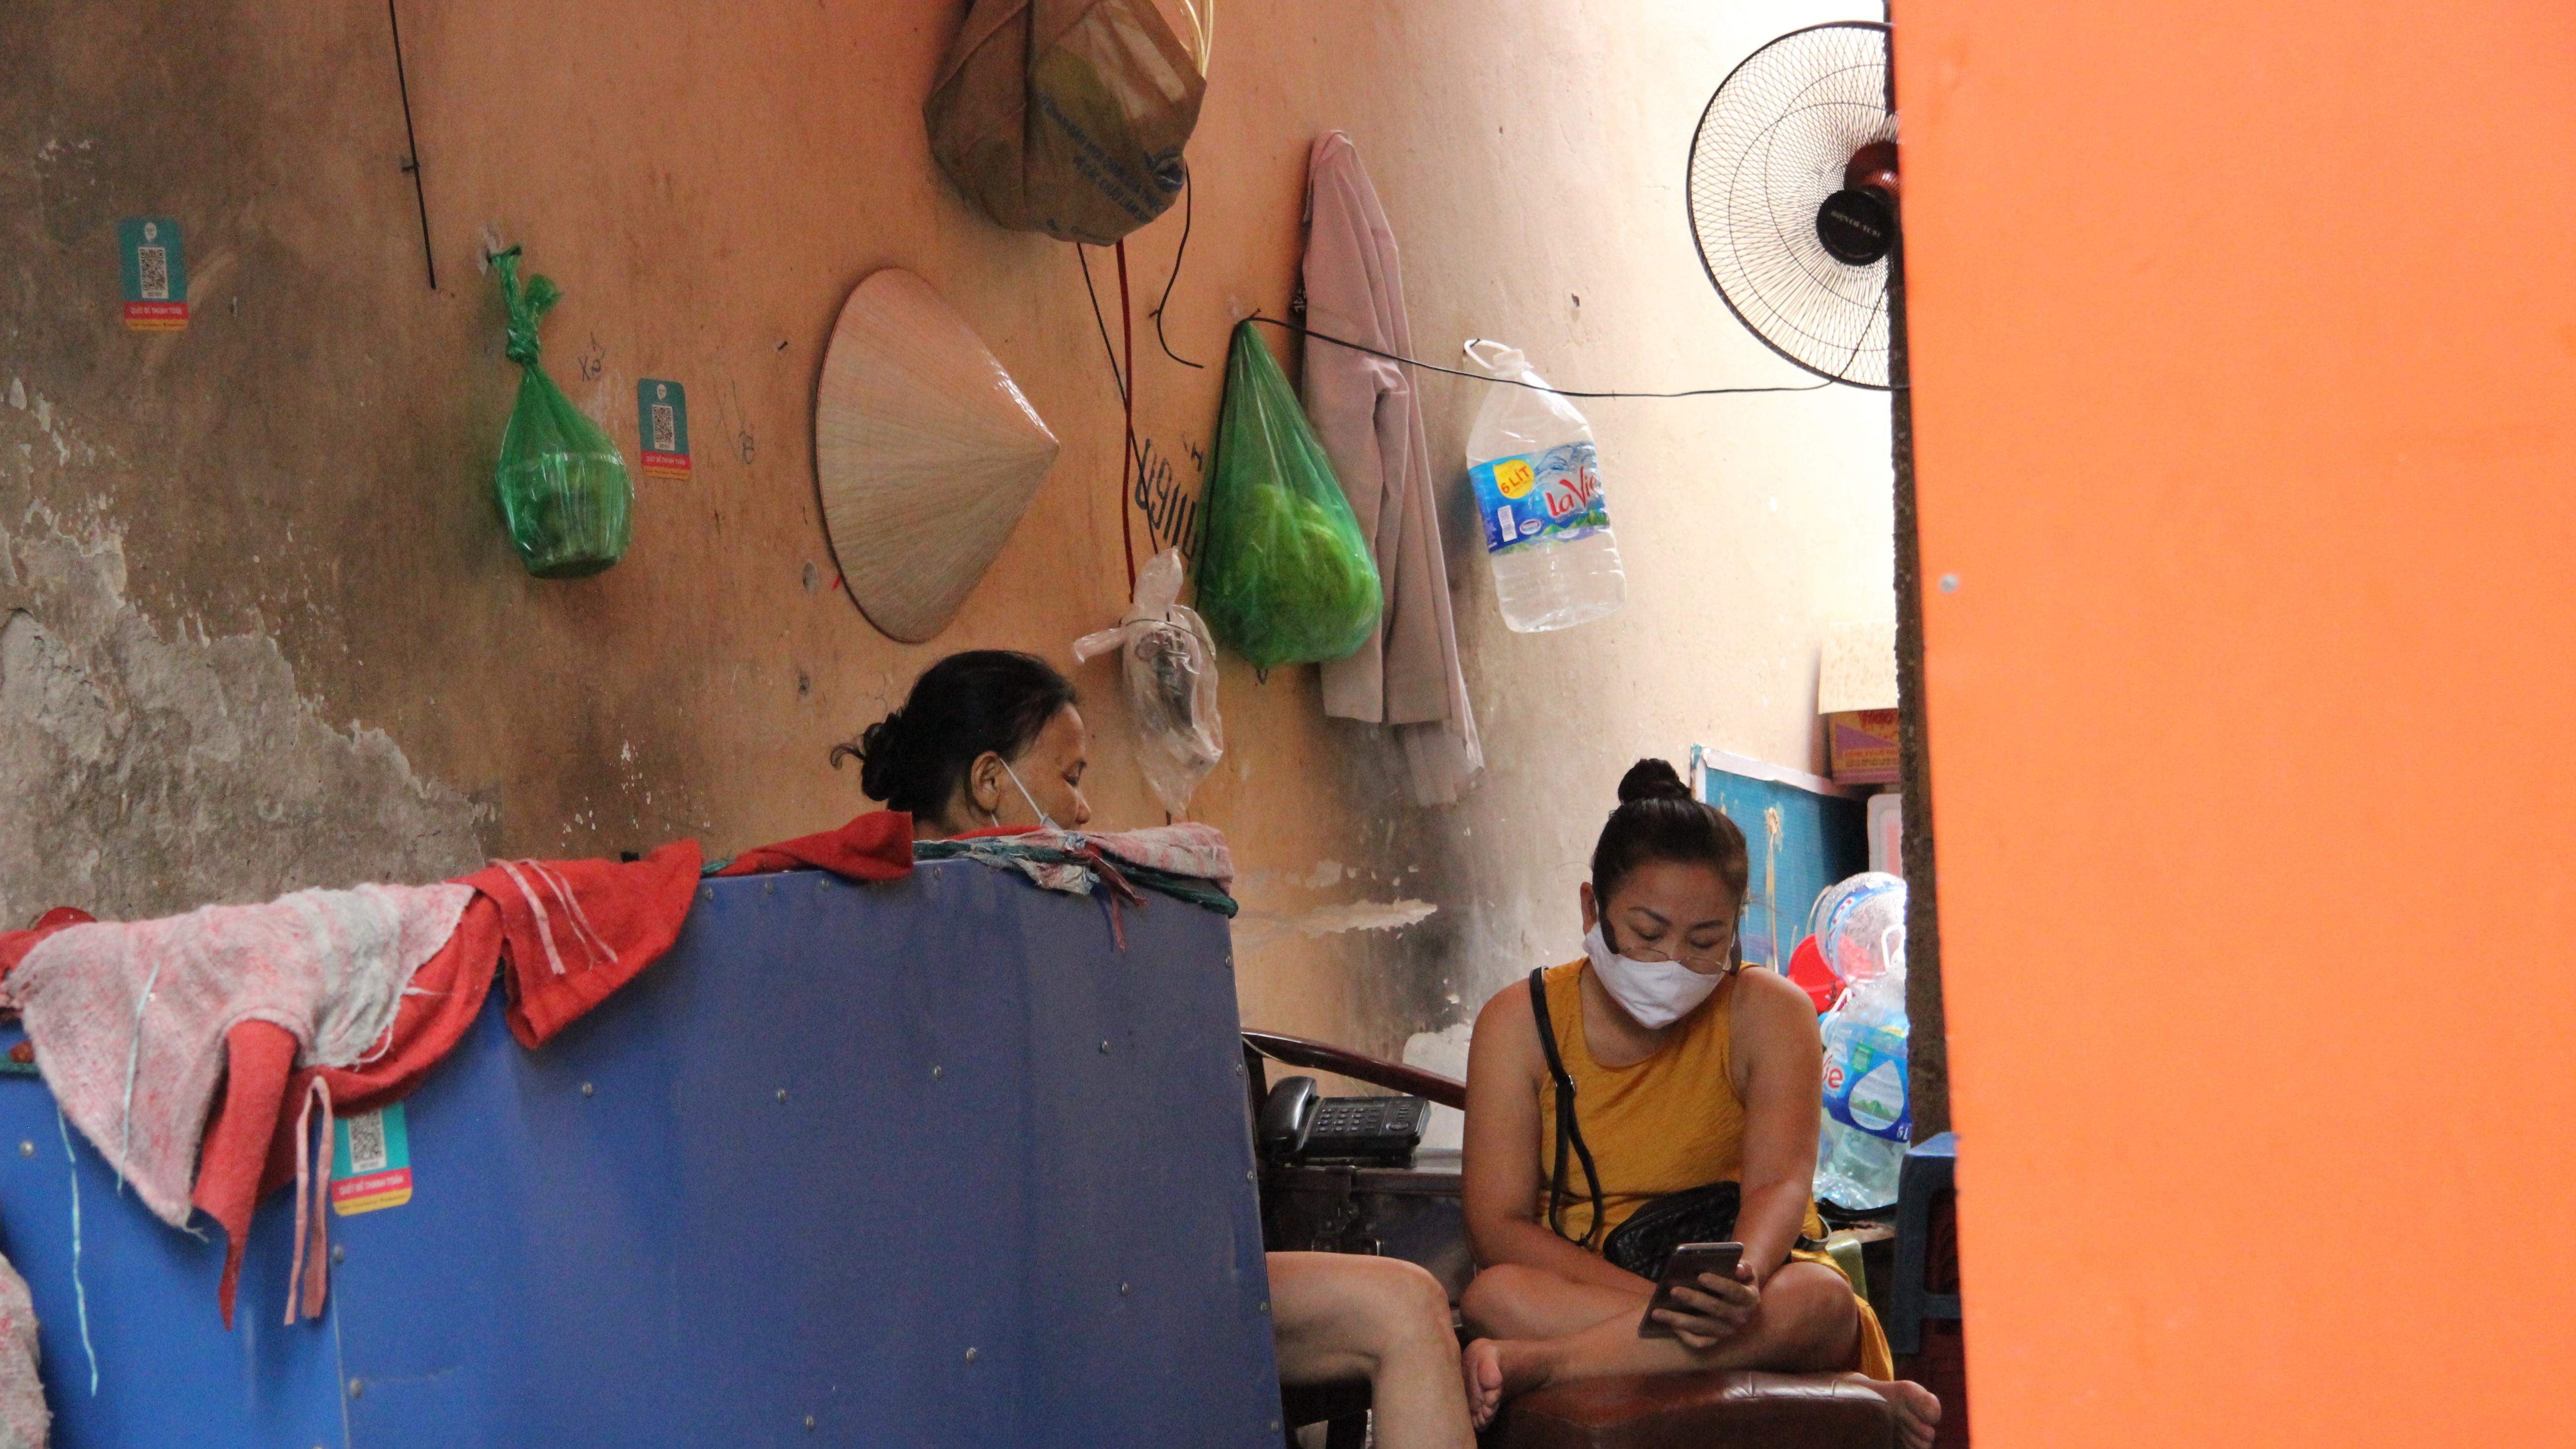 Nhịp sống của người dân Hà Nội những ngày dịch COVID-19 quay trở lại - Ảnh 9.